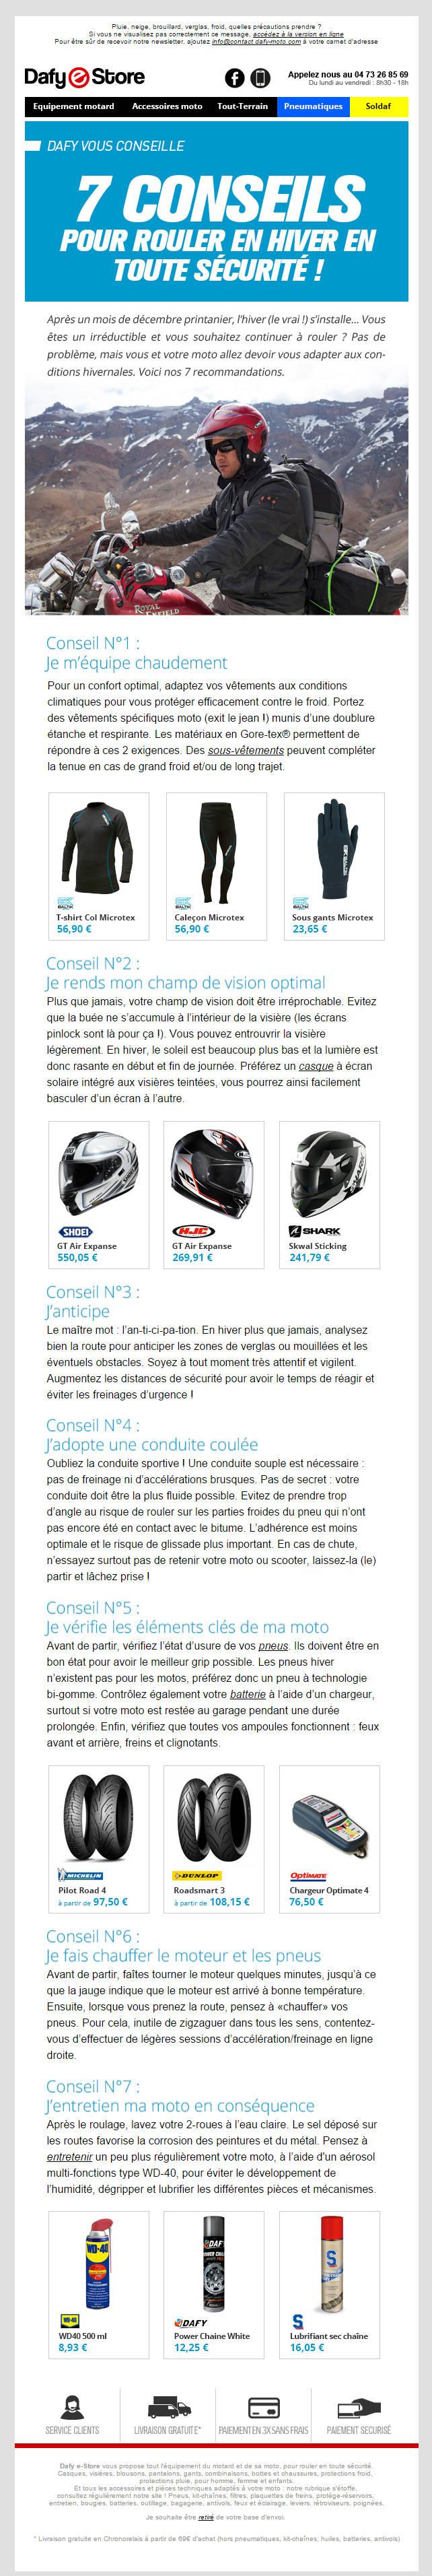 2016-01-21-dafy-moto-PC